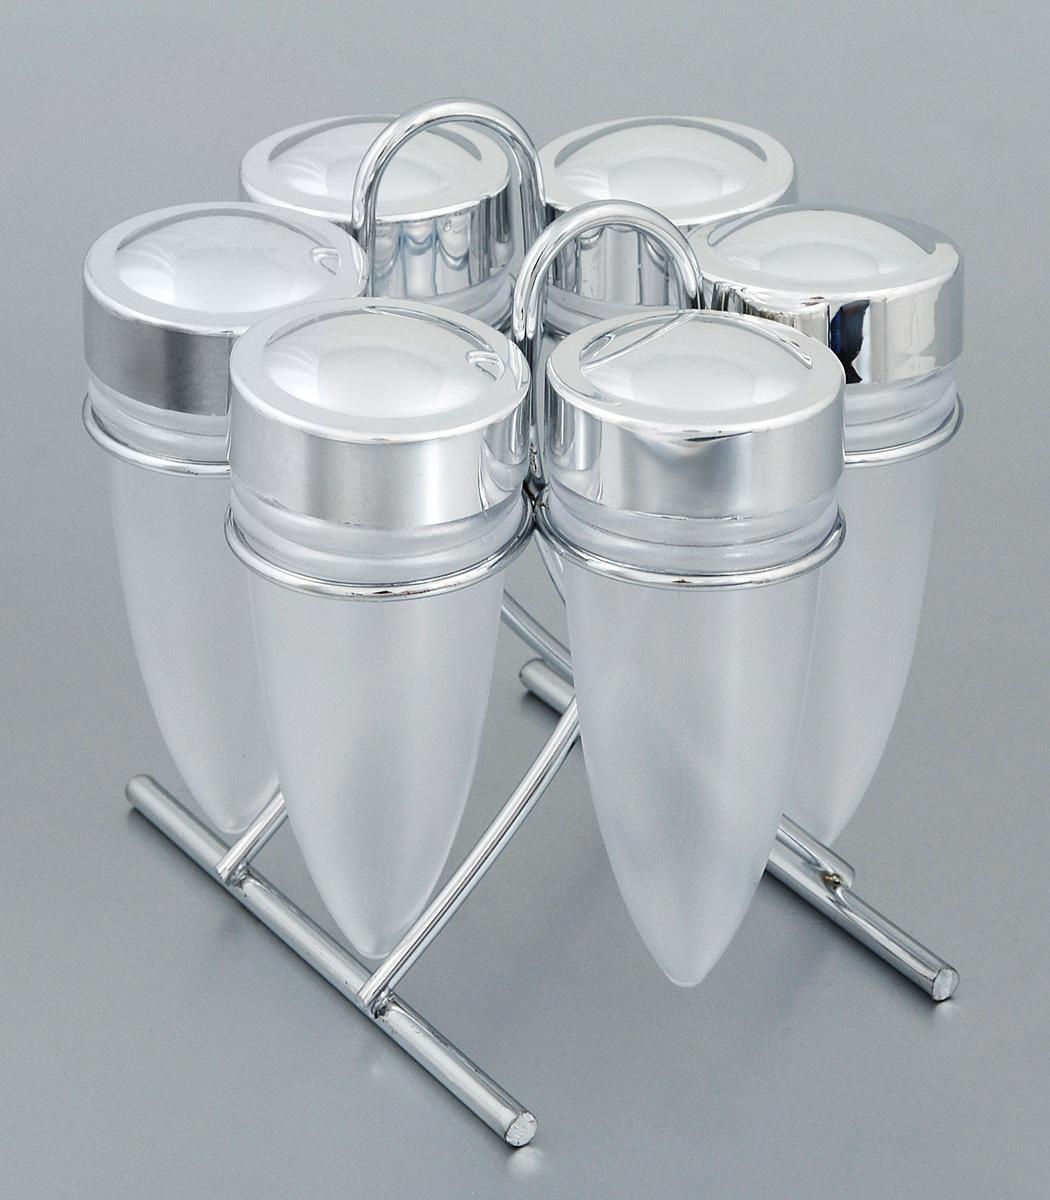 Набор для специй Rosenberg, на подставке, 7 предметов. 629389492001Набор Rosenberg состоит из 6 емкостей для специй и подставки. Емкости выполнены из прочного пластика и снабжены удобными крышками. Для хранения емкостей предусмотрена подставка из стали с хромированной поверхностью. Такой набор поможет хранить под рукой самые часто используемые специи. Объем емкости: 60 мл. Высота емкости (без учета крышки): 10,7 см. Диаметр емкости (по верхнему краю): 4 см.Размер подставки: 13 х 8,5 х 12,5 см.